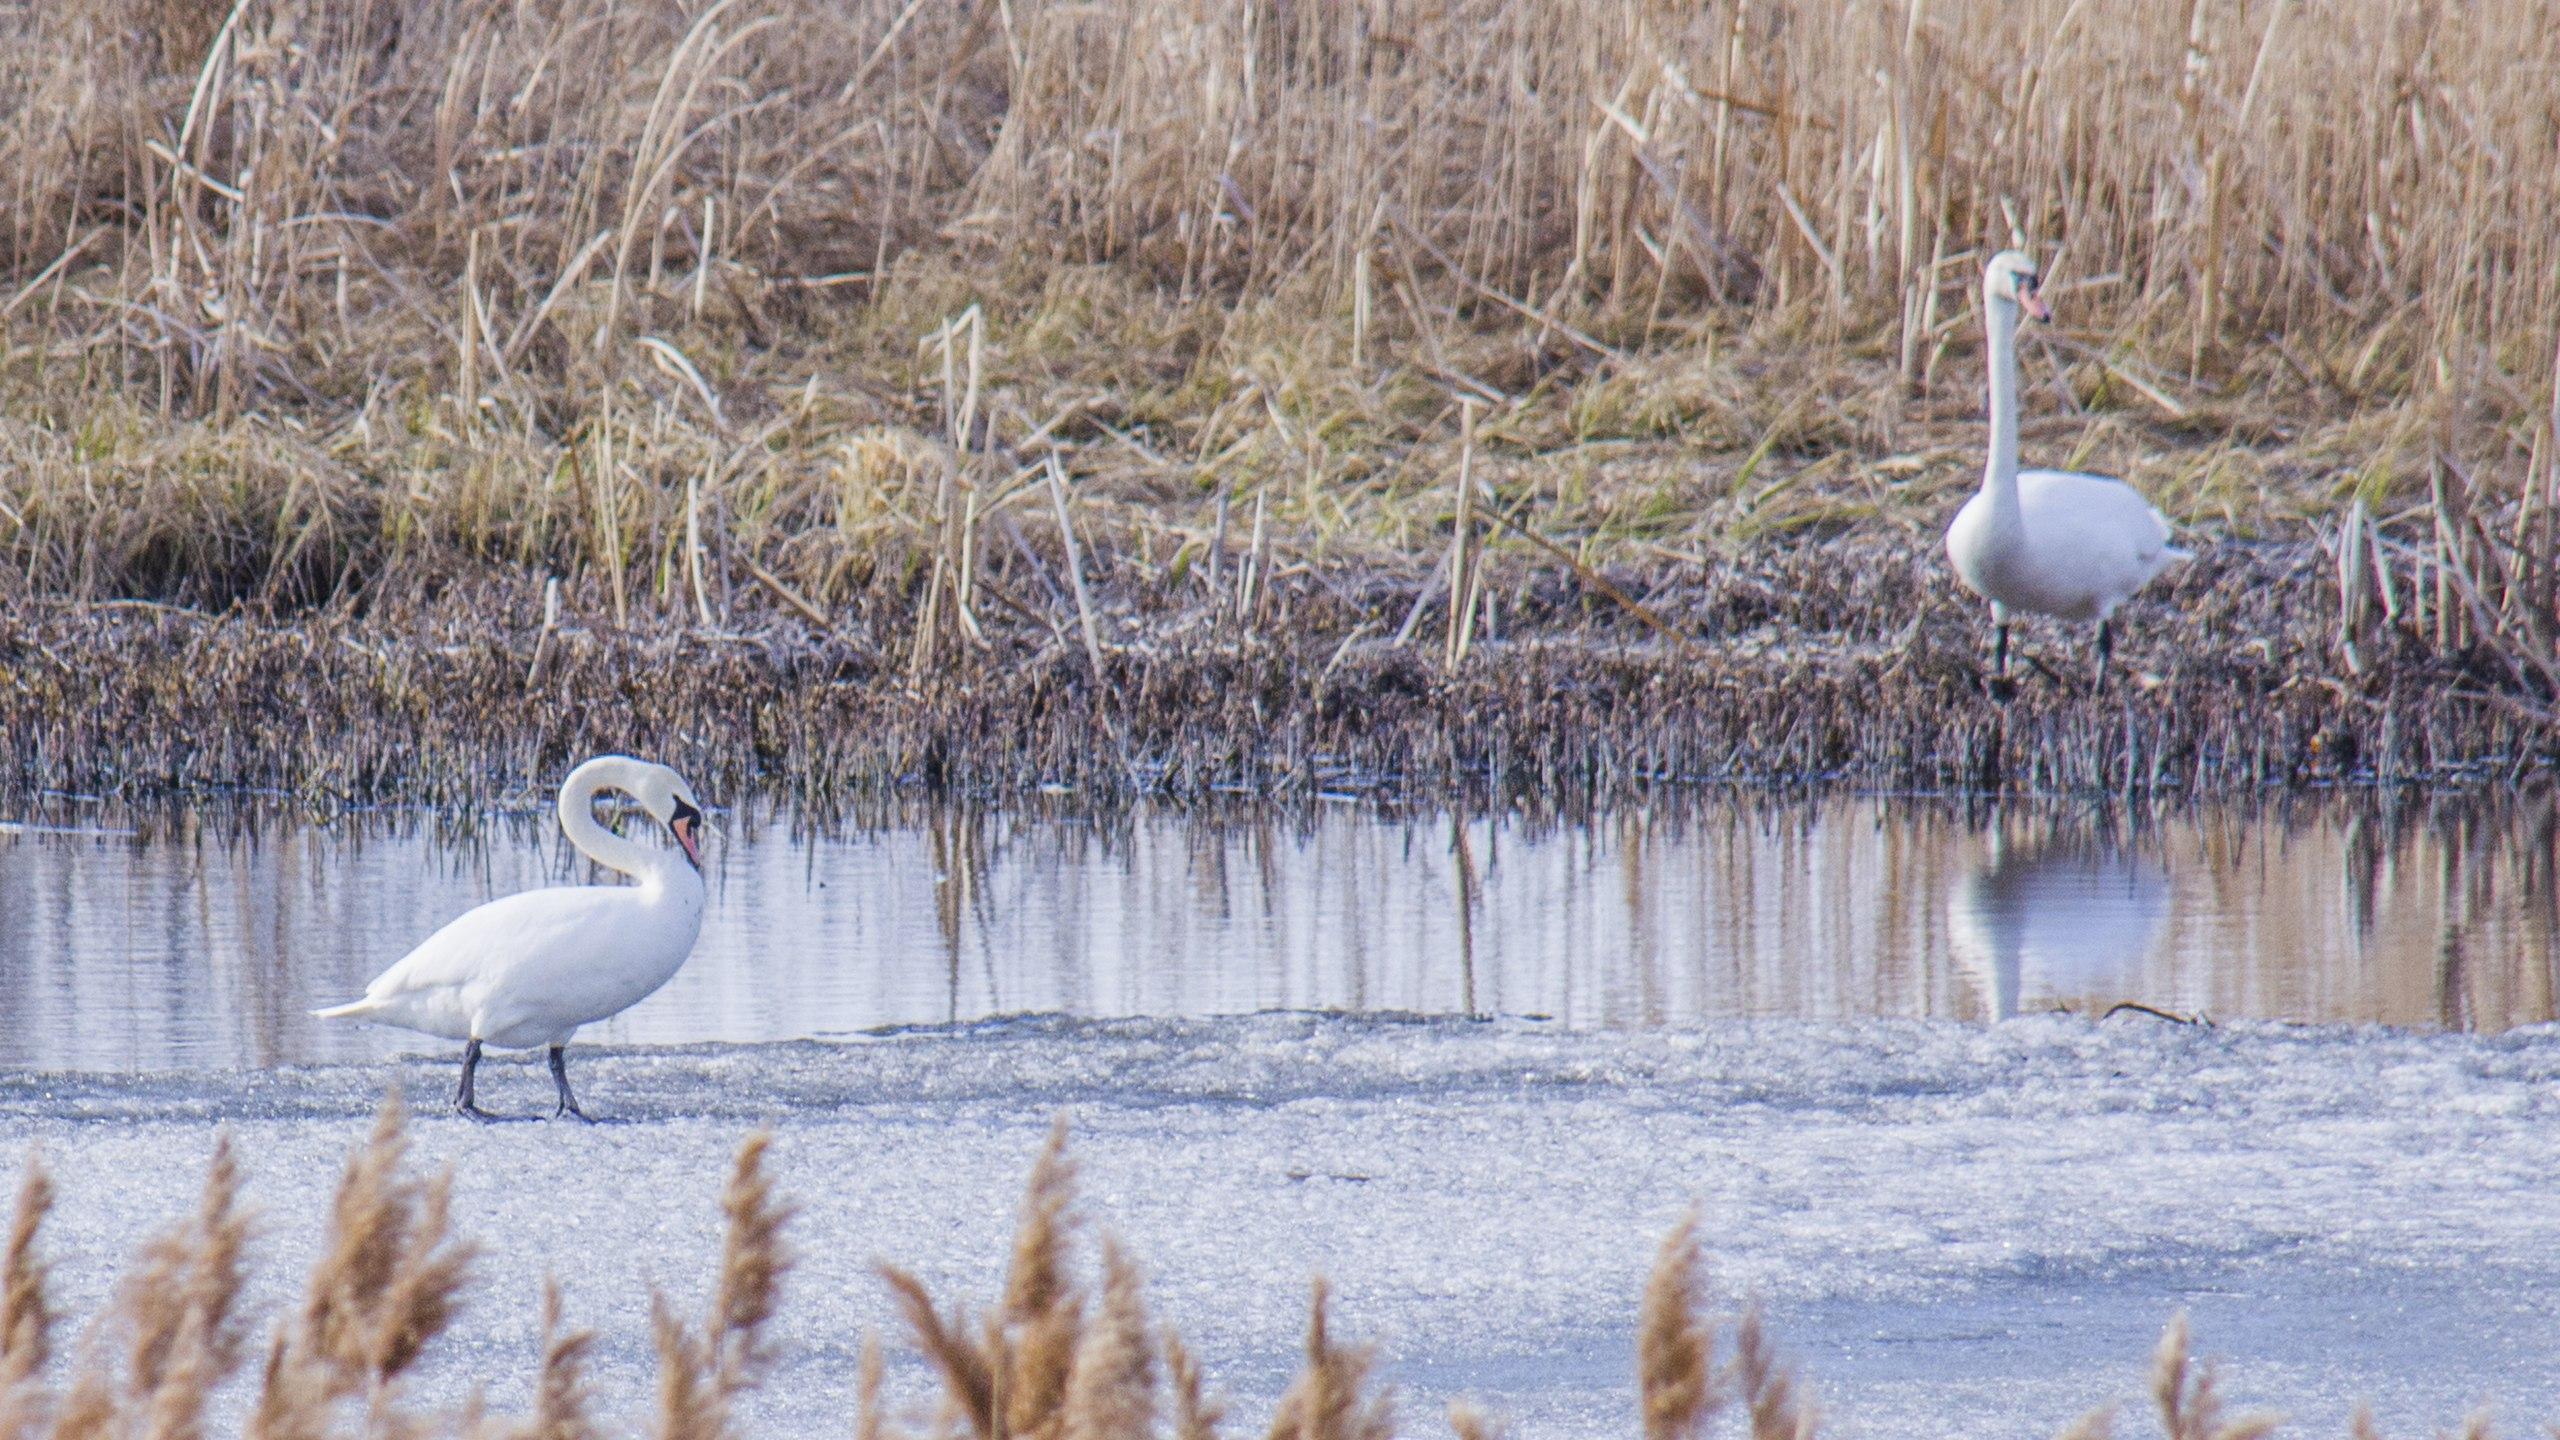 #птицыпочетвергам, или первомай... вариант уральский, лёд и лебеди